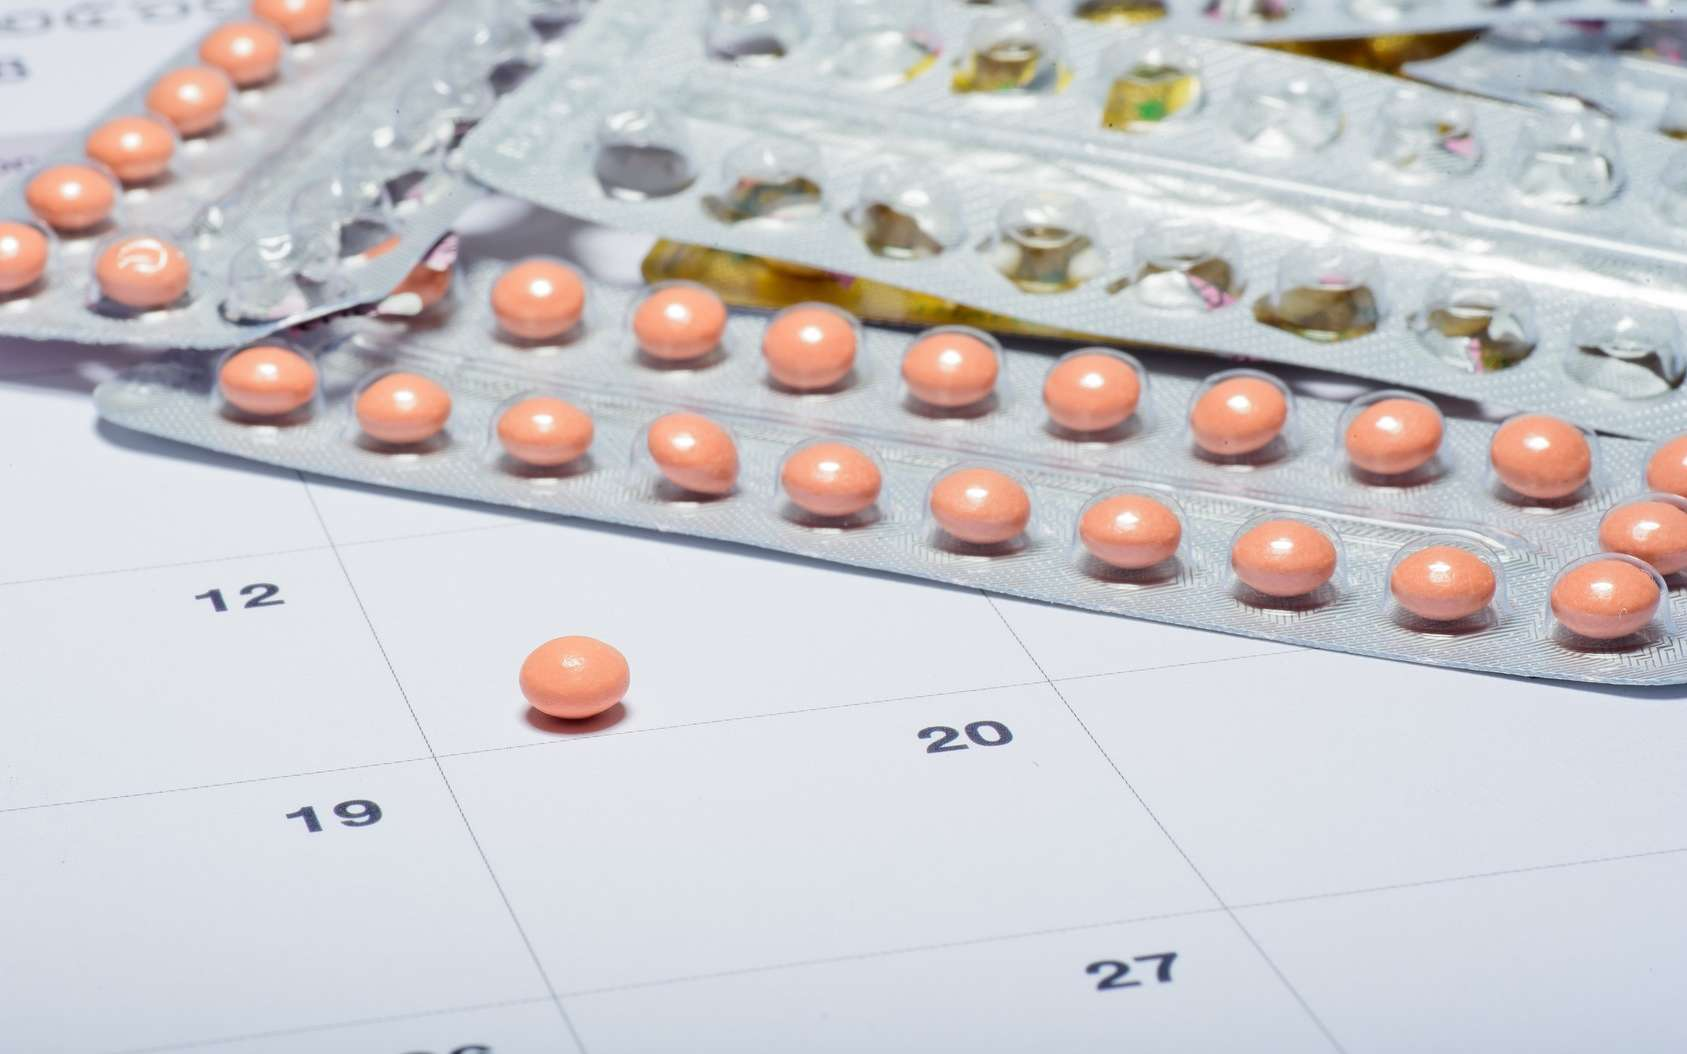 Des chercheurs américains évaluent l'efficacité d'une pilule contraceptive pour les hommes. © waranyu, Fotolia